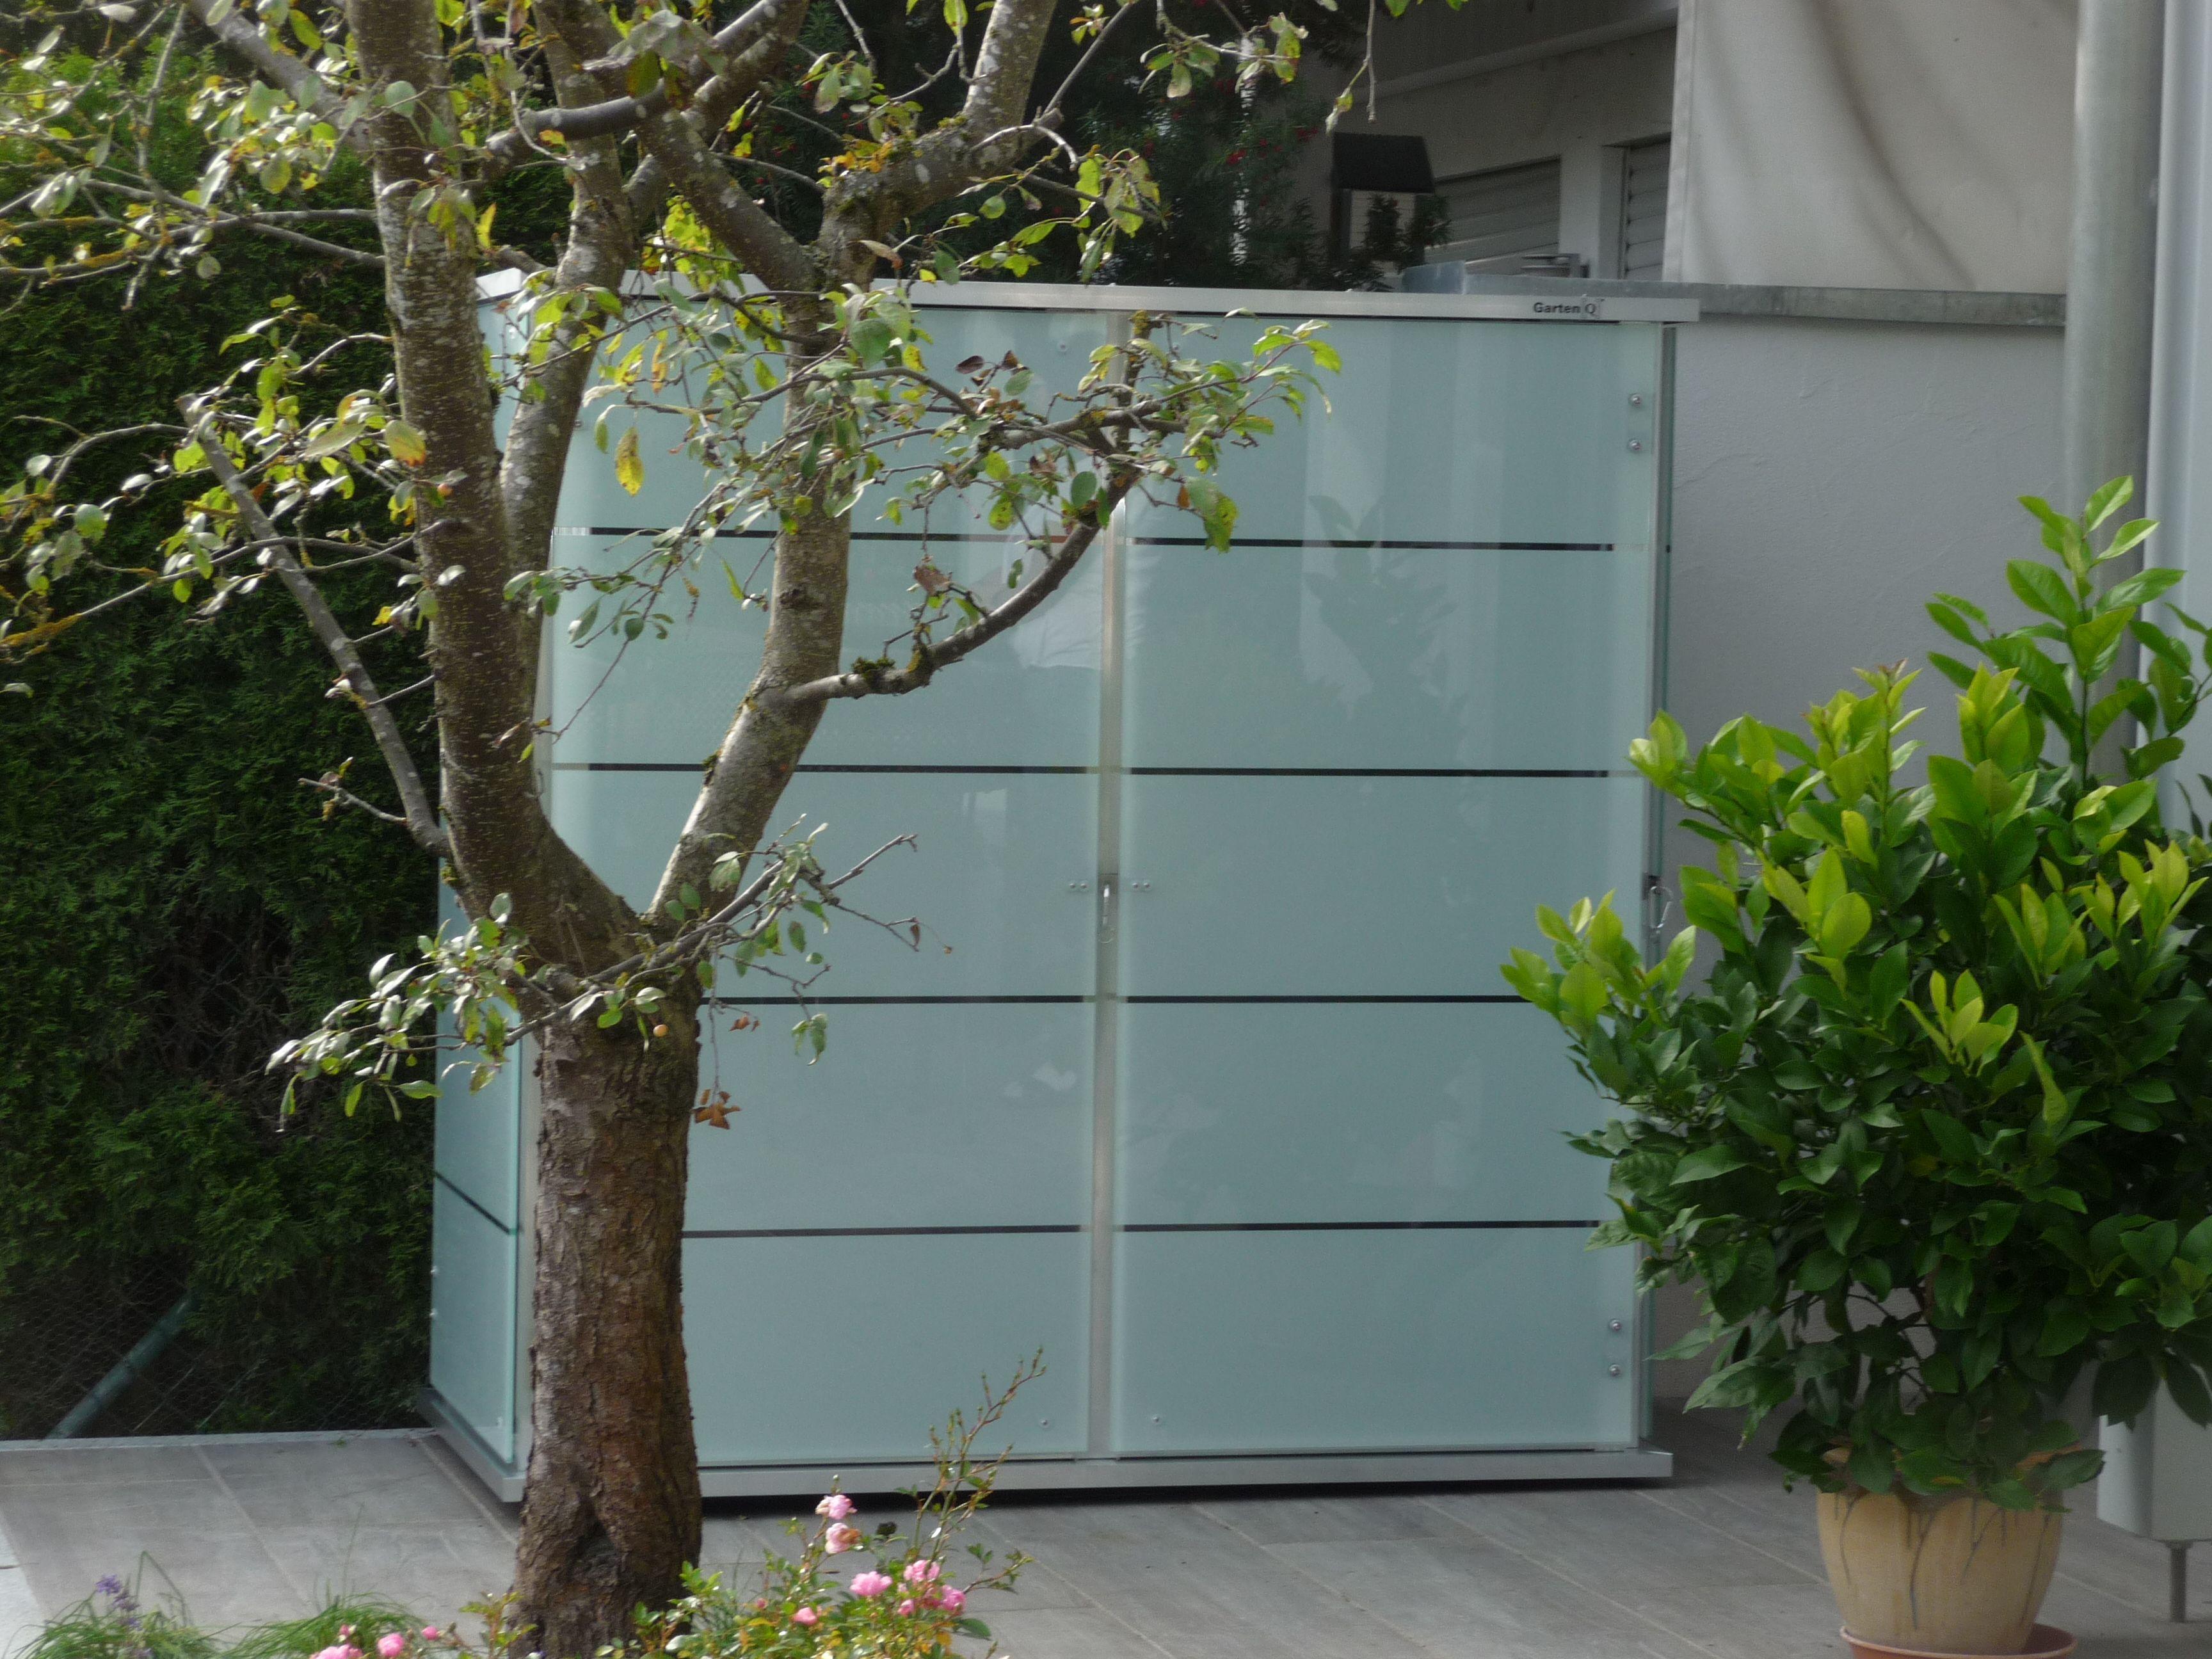 Outdoor Schrank Aus Glas Fur Hohe Anspruche In Punkto Design Funktionalitat Und Langlebigkeit Gartenschrank Gartengerateschrank Garten